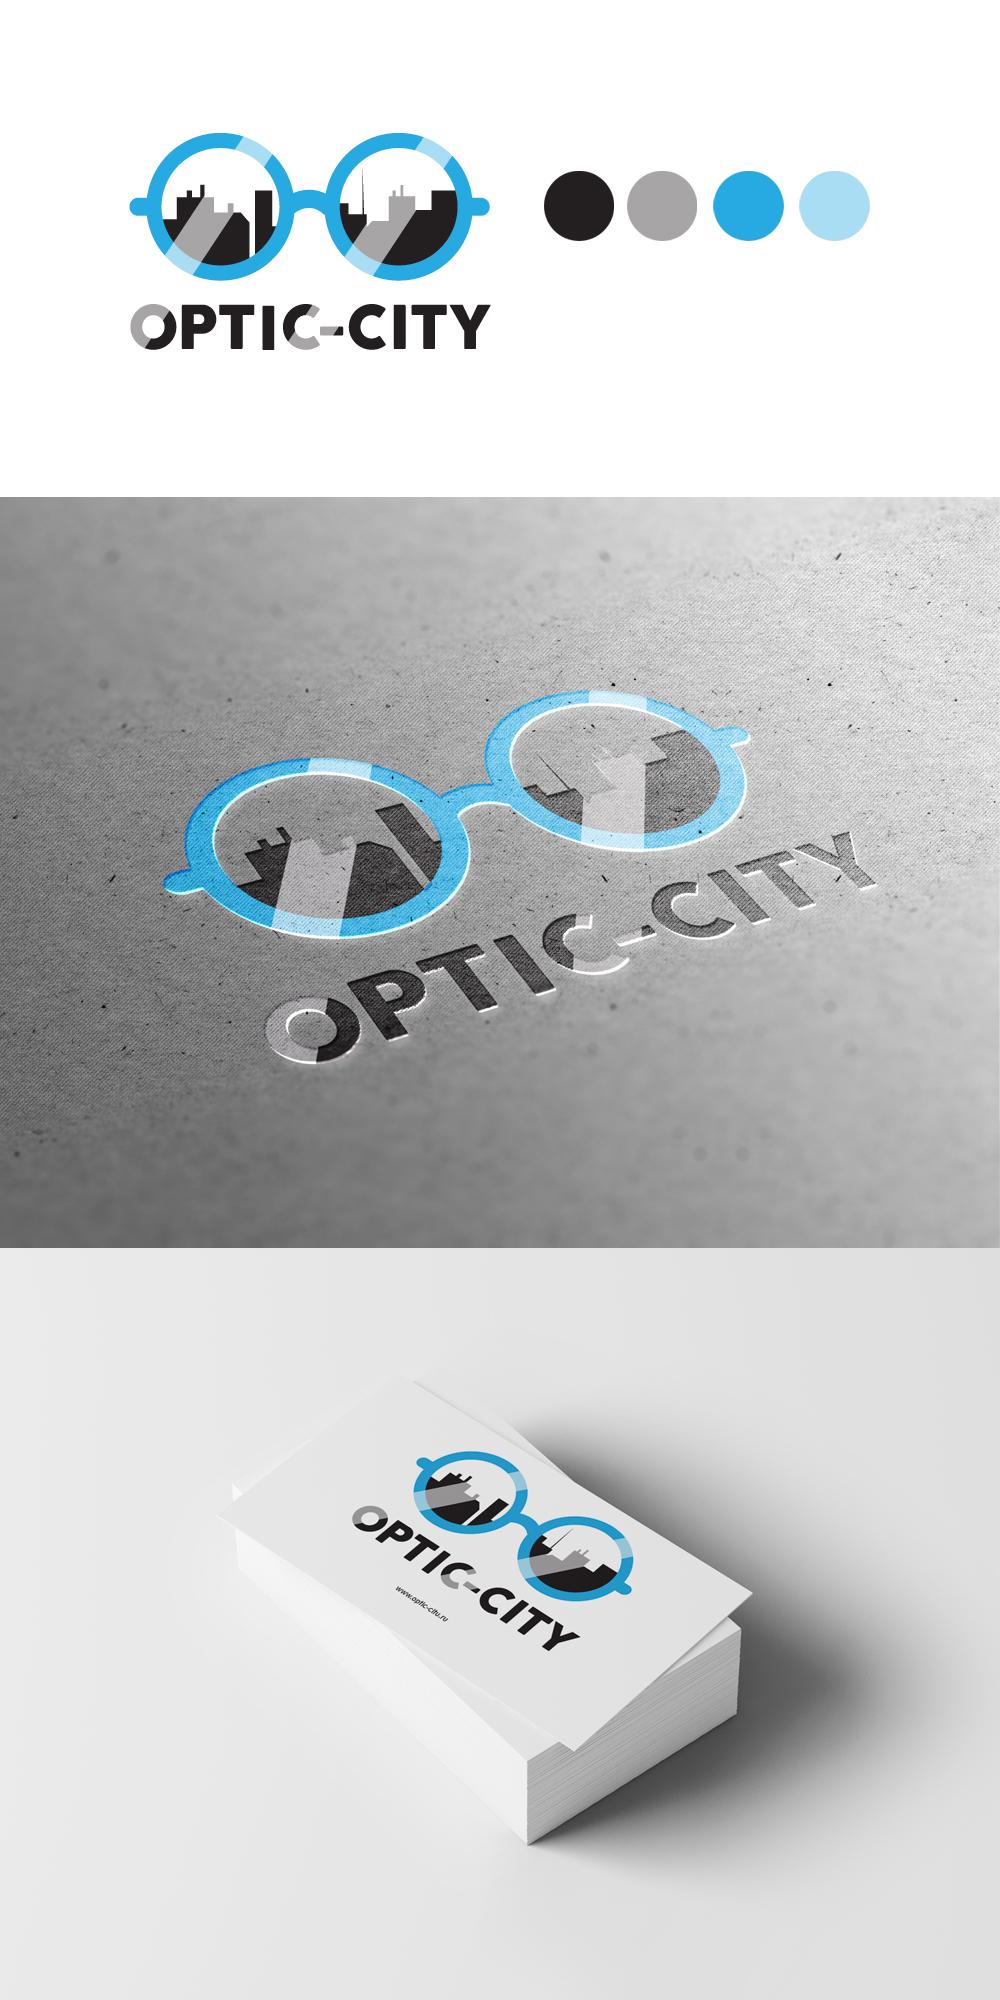 OPTIC-CITY